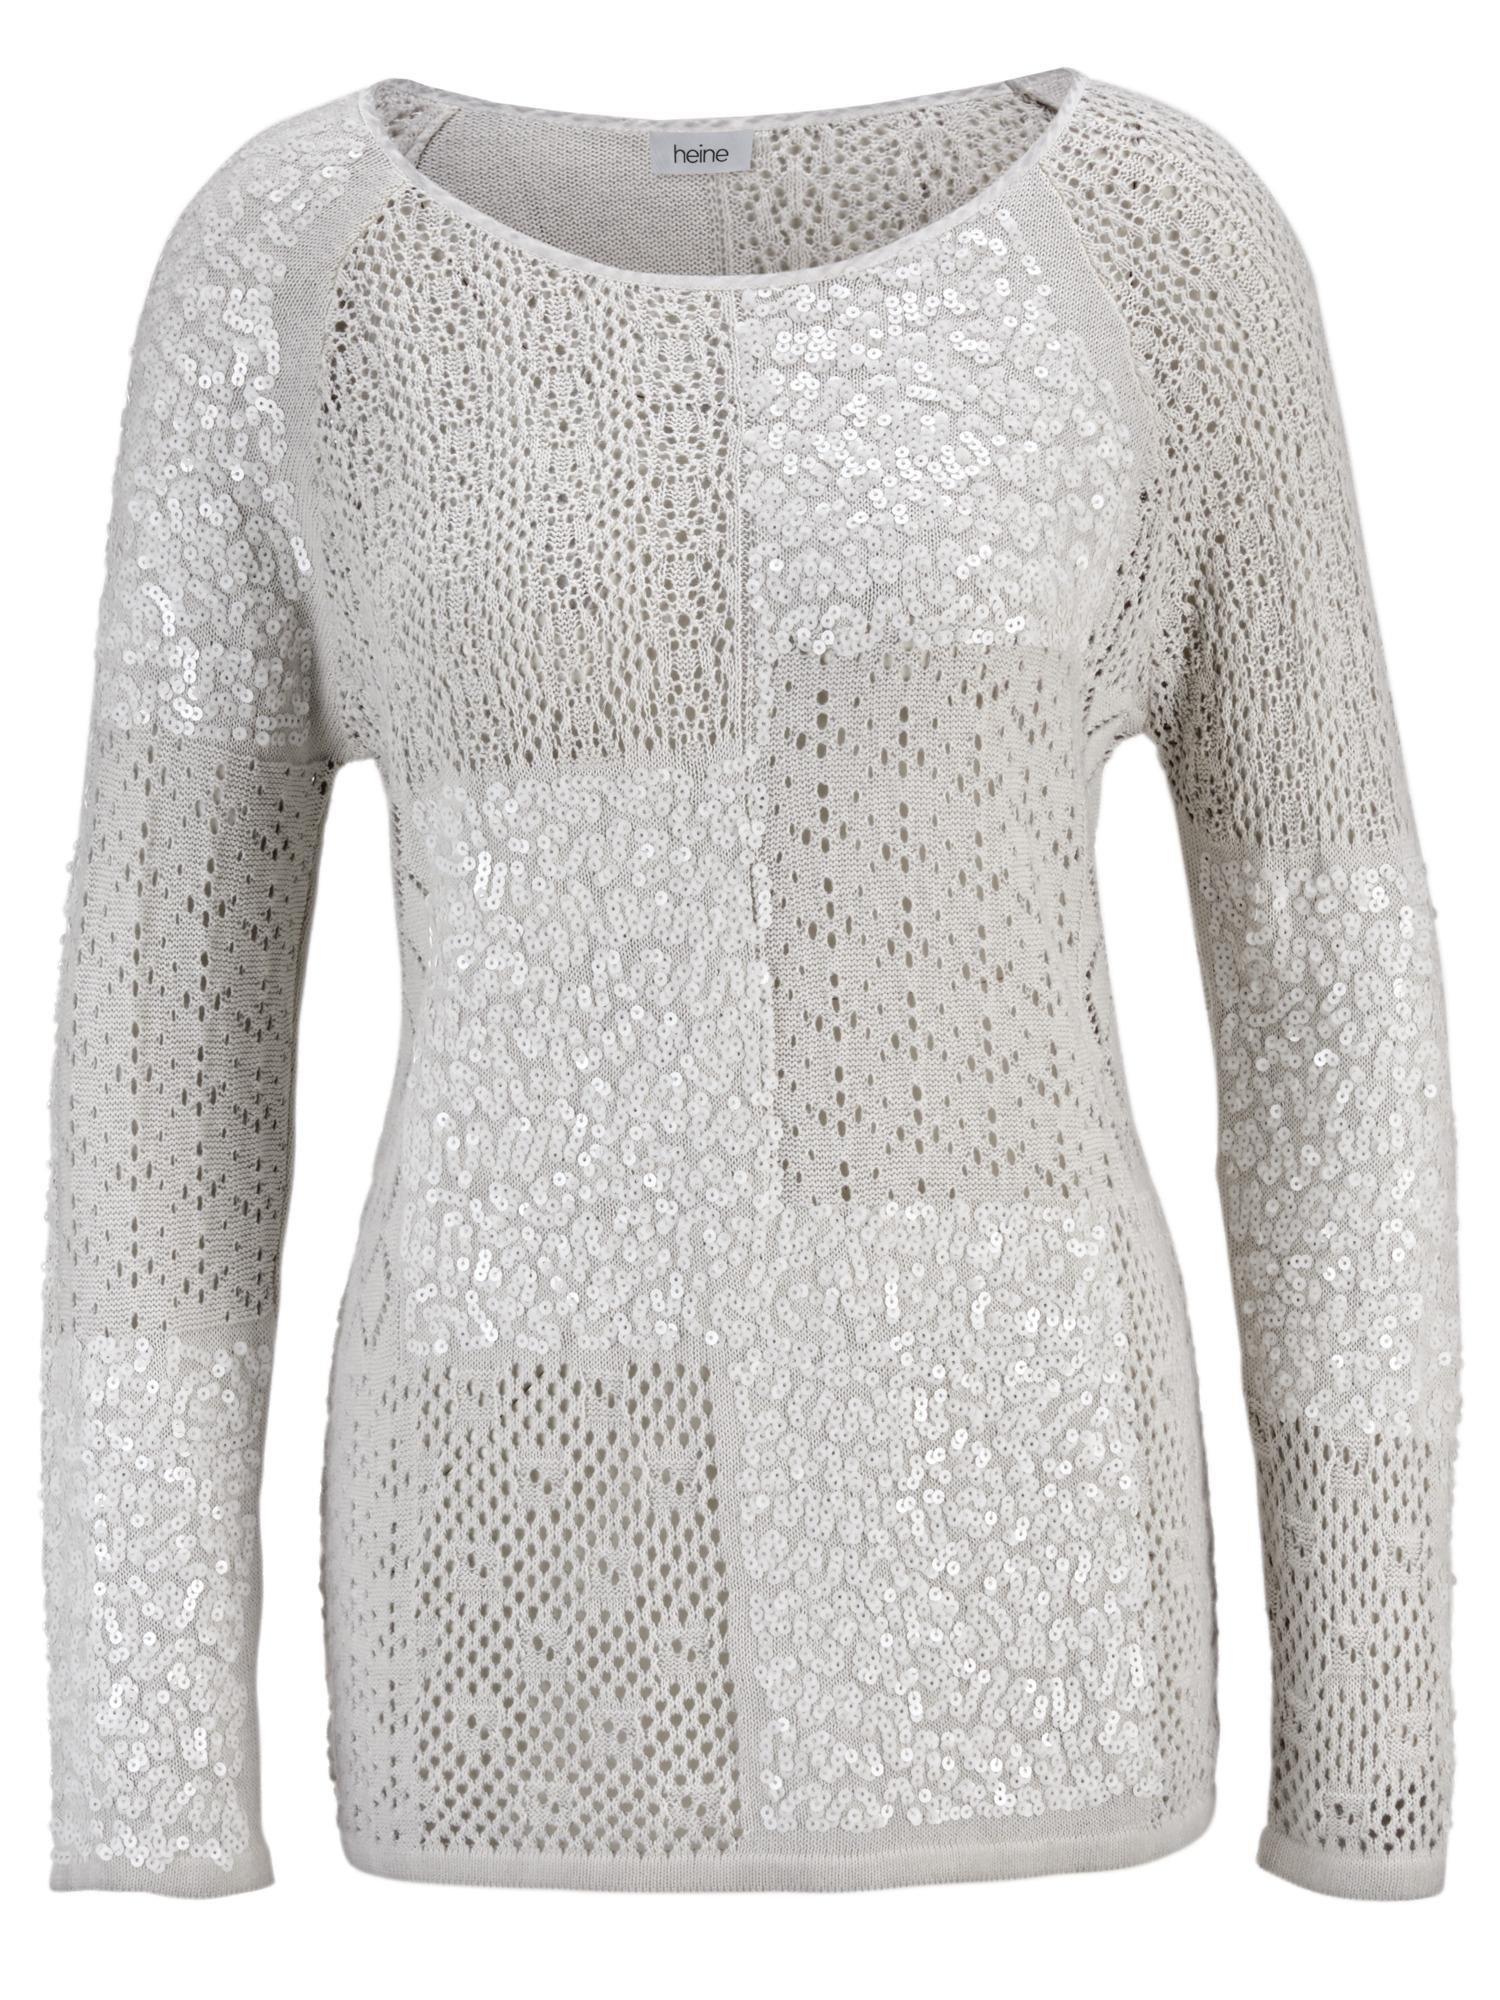 Op zoek naar een heine Pullover? Koop online bij OTTO